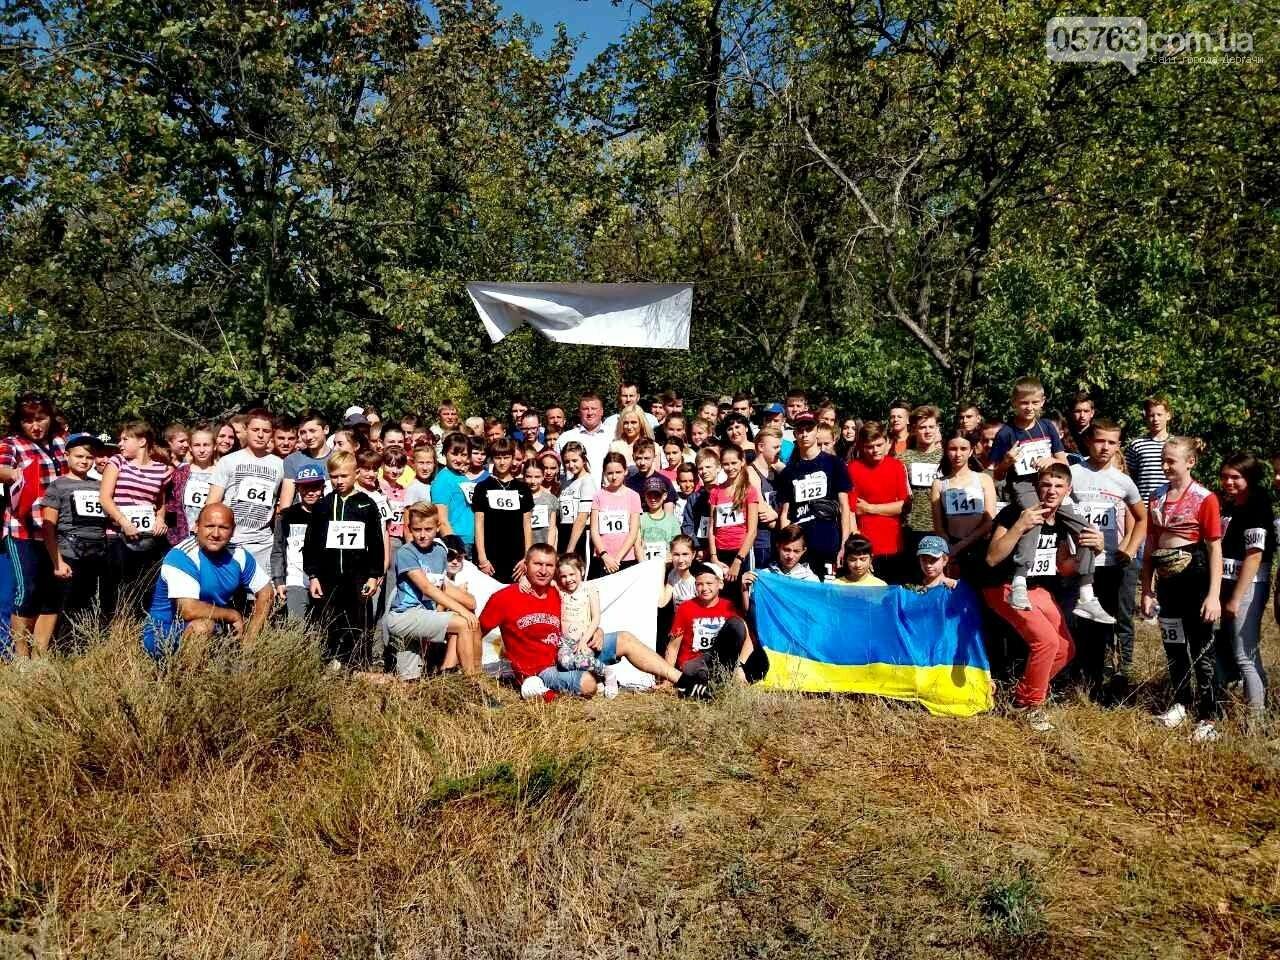 В Дергачевском районе состоялись соревнования по спортивному ориентированию, фото-1